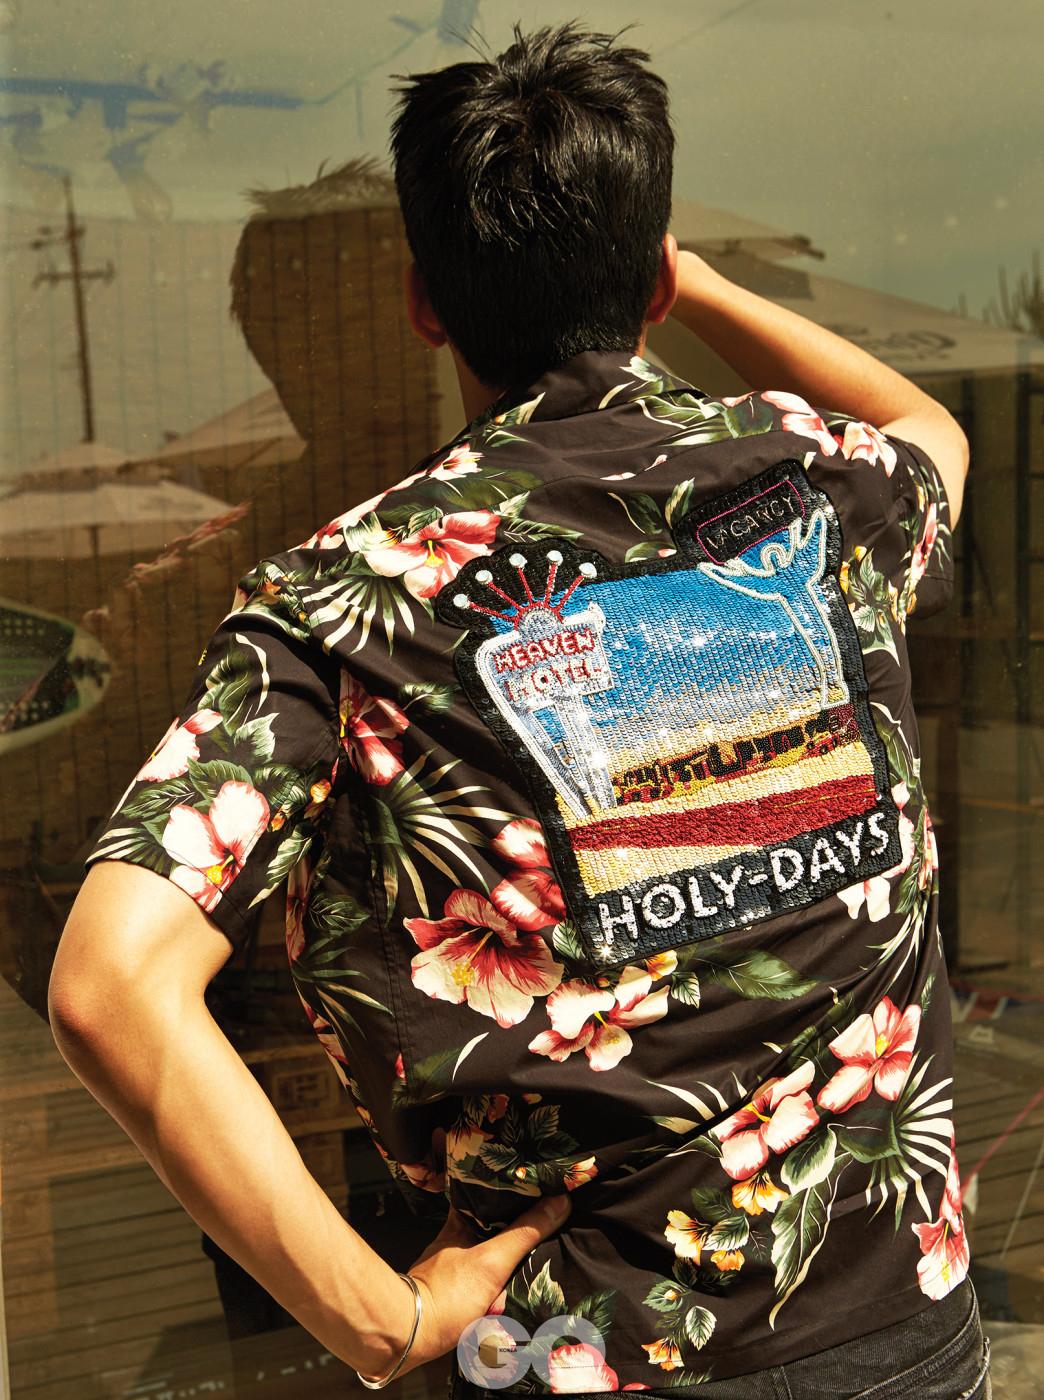 하와이안 셔츠, 데님 팬츠 가격 미정, 모두 발렌티노. 브레이슬릿 24만8천원, 불레또.